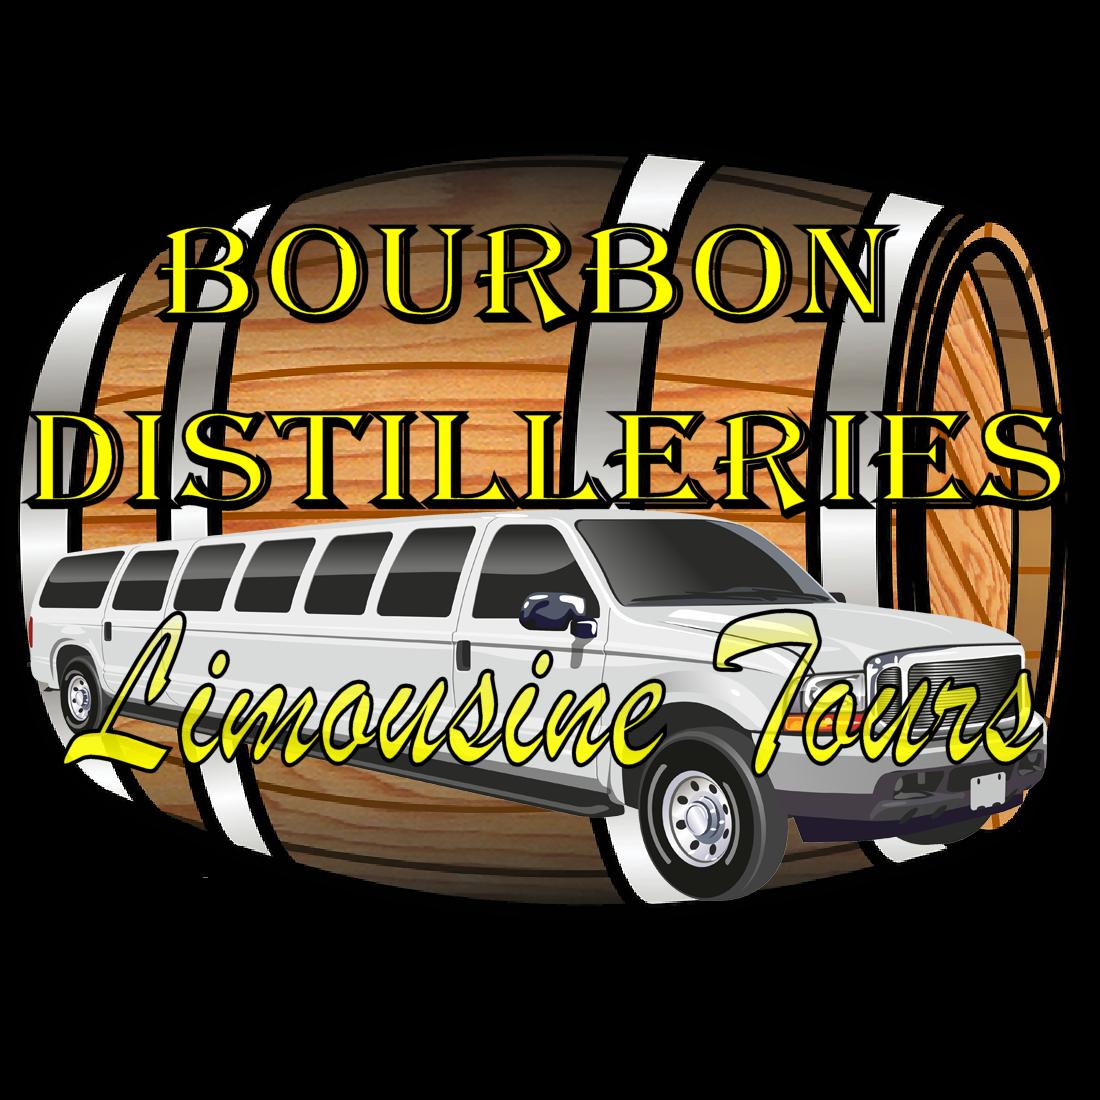 Bourbon Distilleries Limousine Tours